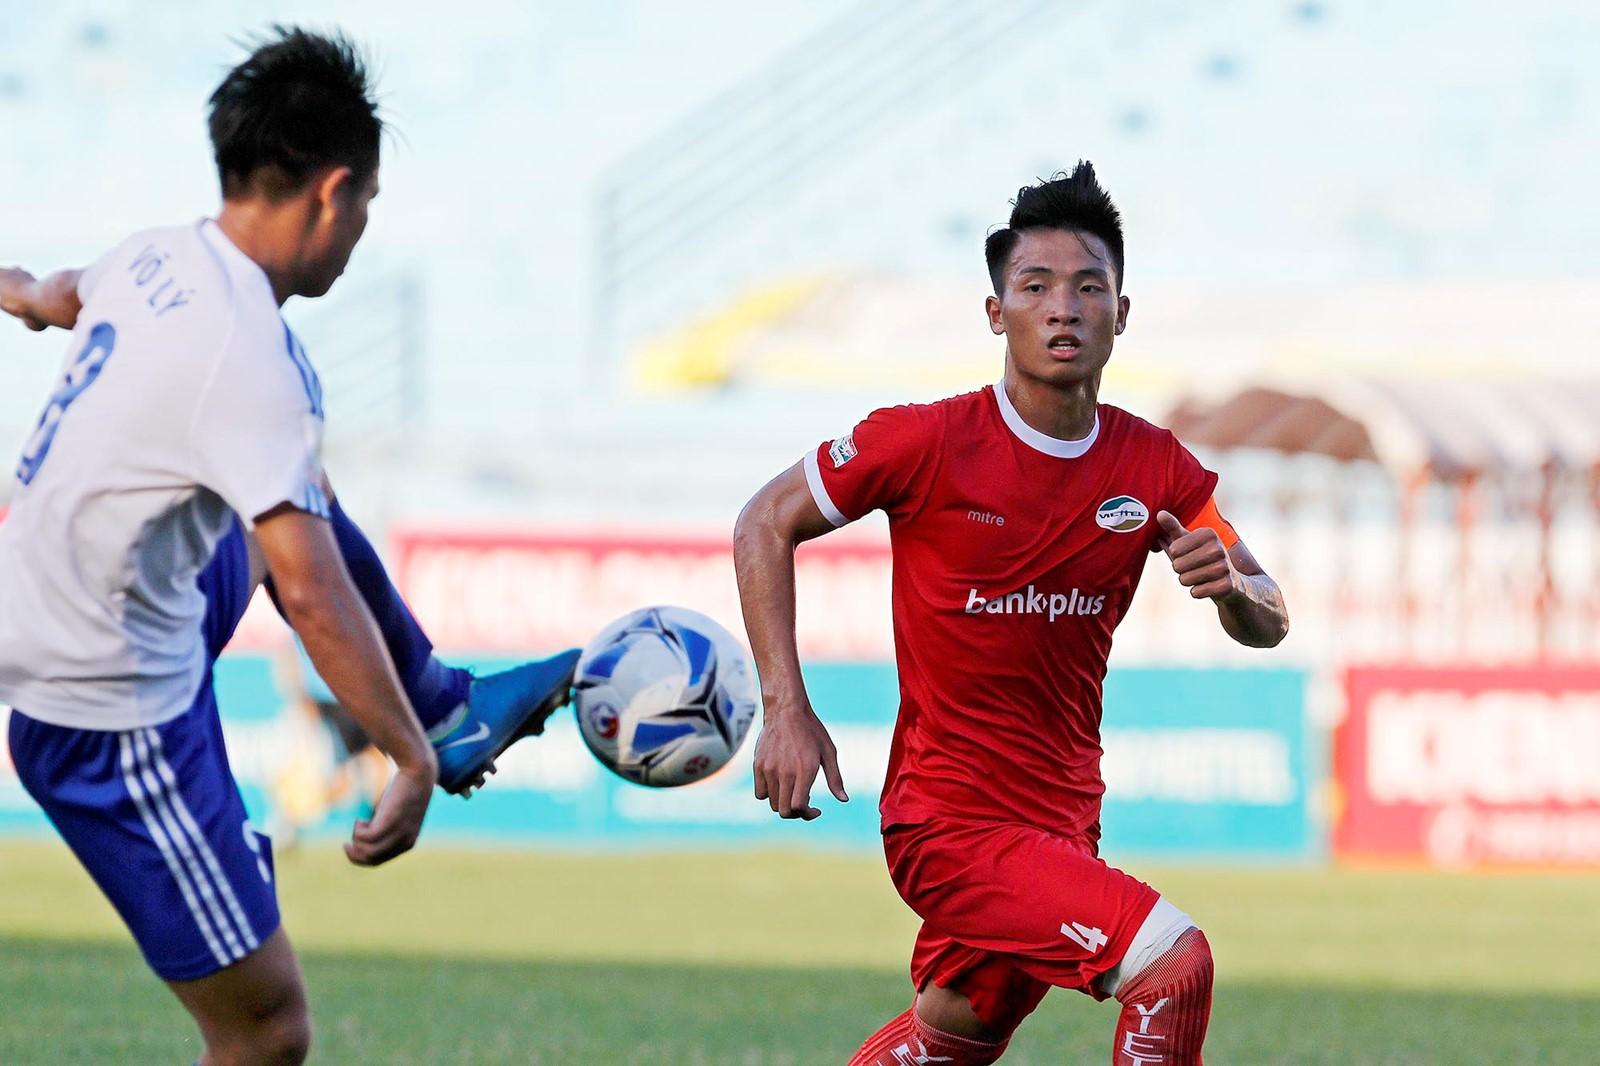 Trung vệ Bùi Tiến Dũng chờ ngày lên chơi V.League, đối đầu các đồng đội U23 Việt Nam - Ảnh 2.